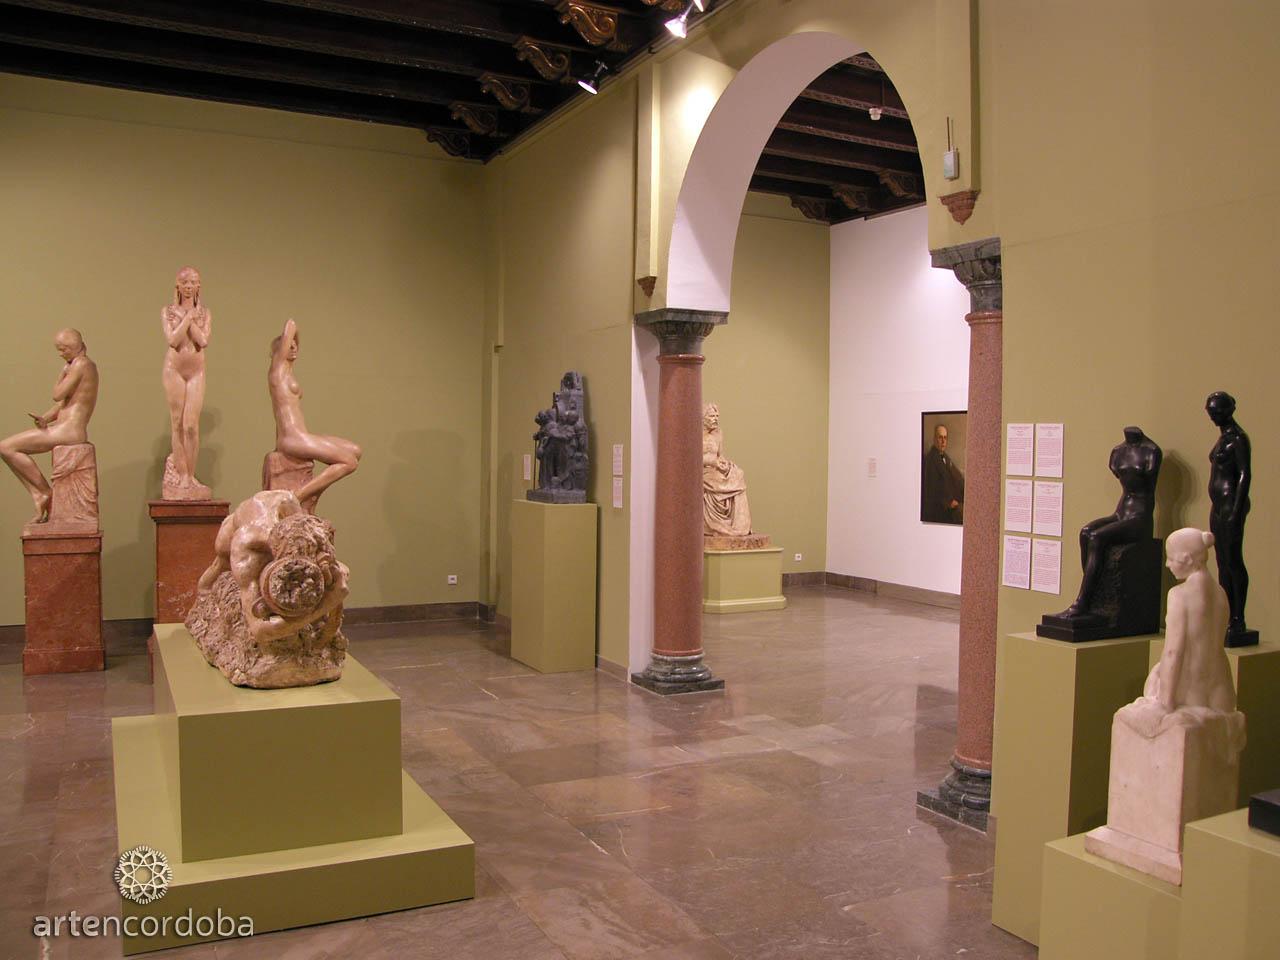 Sala 'Arte Cordobés del siglo XX' en el Museo de Bellas Artes de Córdoba